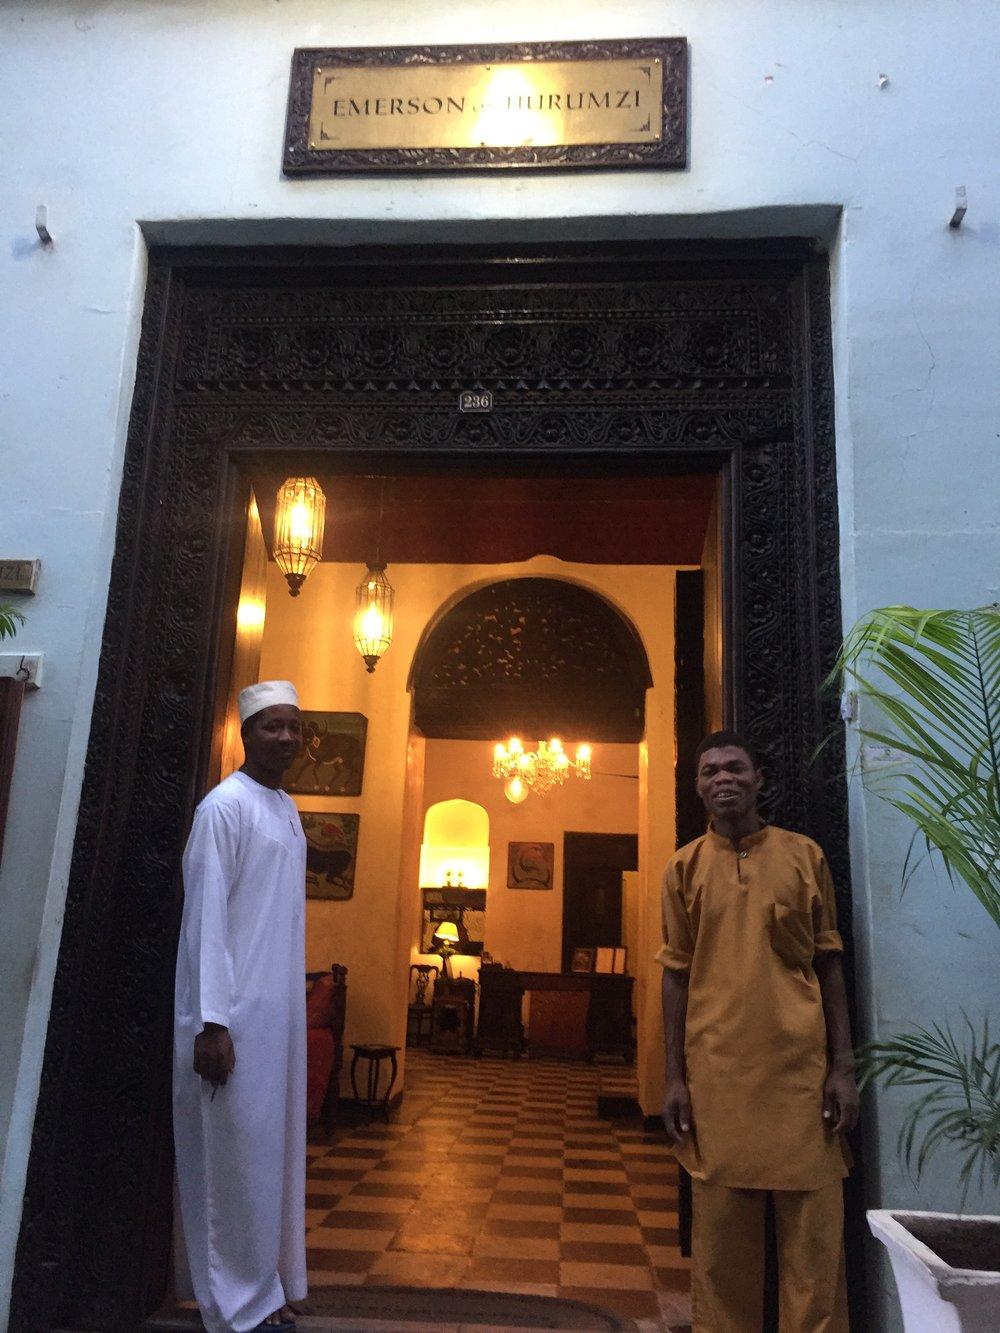 Emerson o Hurumzi Zanzibar | The Ajala Bug